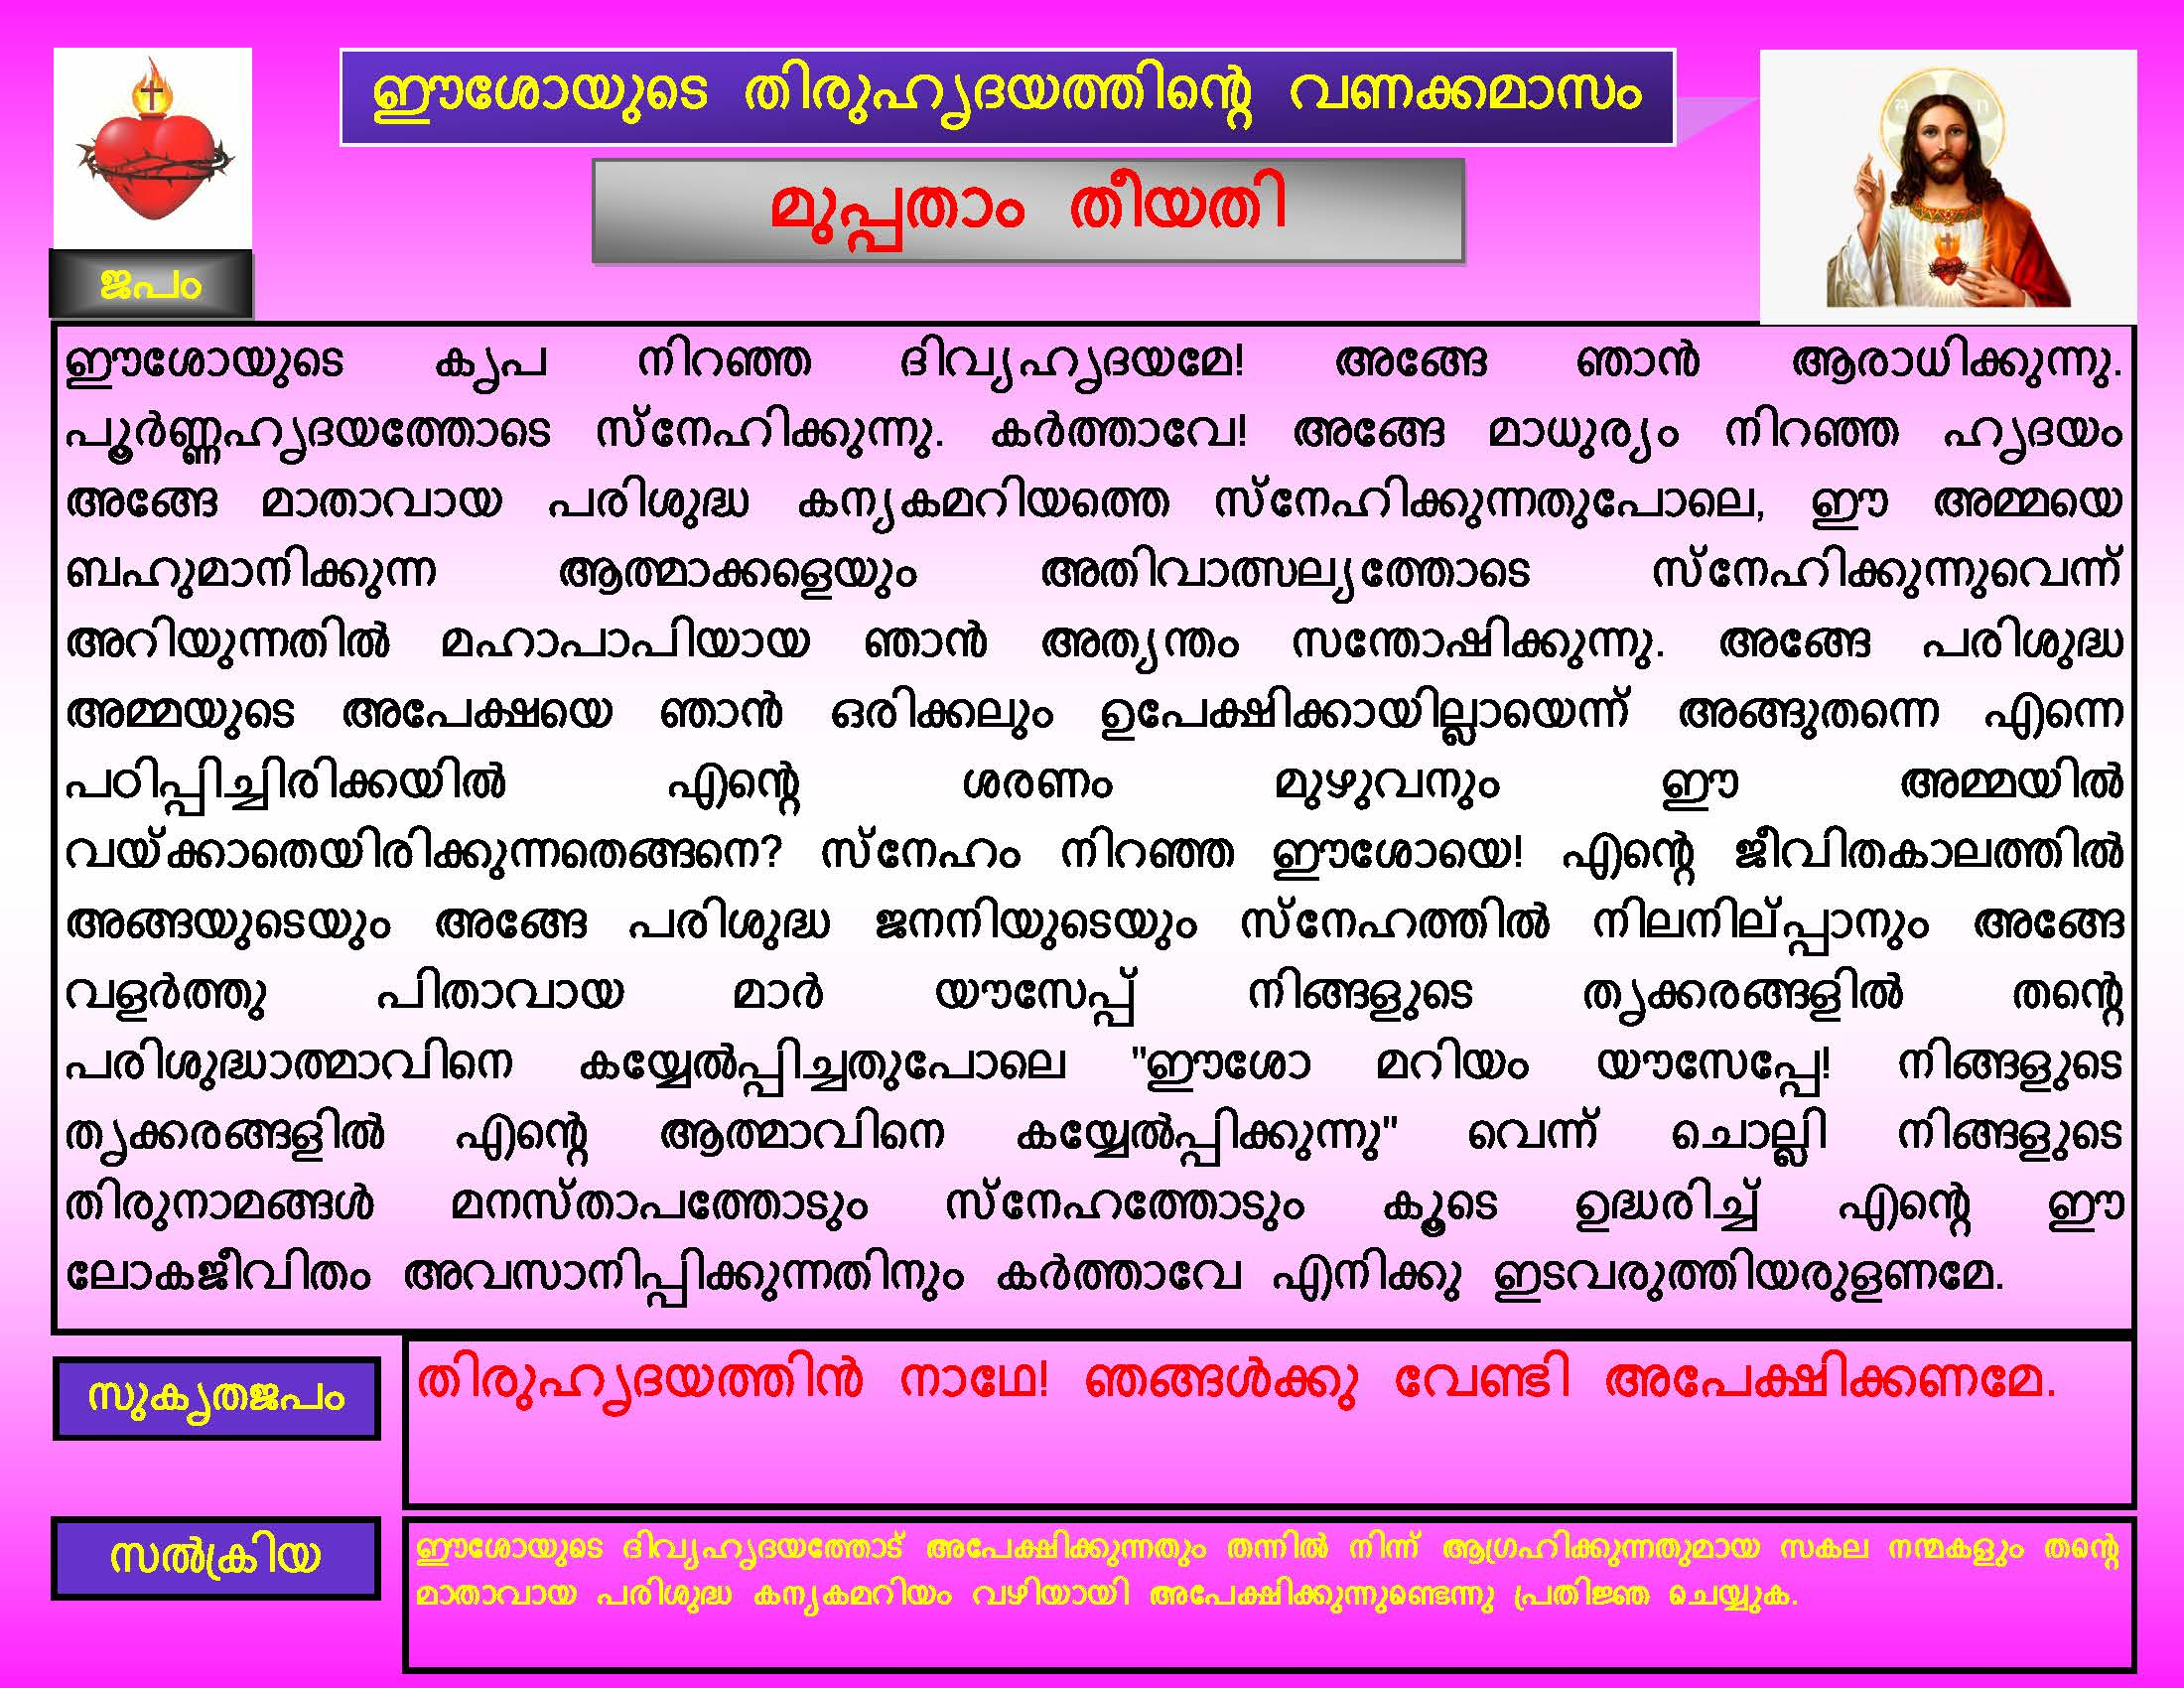 Thiruhrudaya Vanakkamasam - Day 30